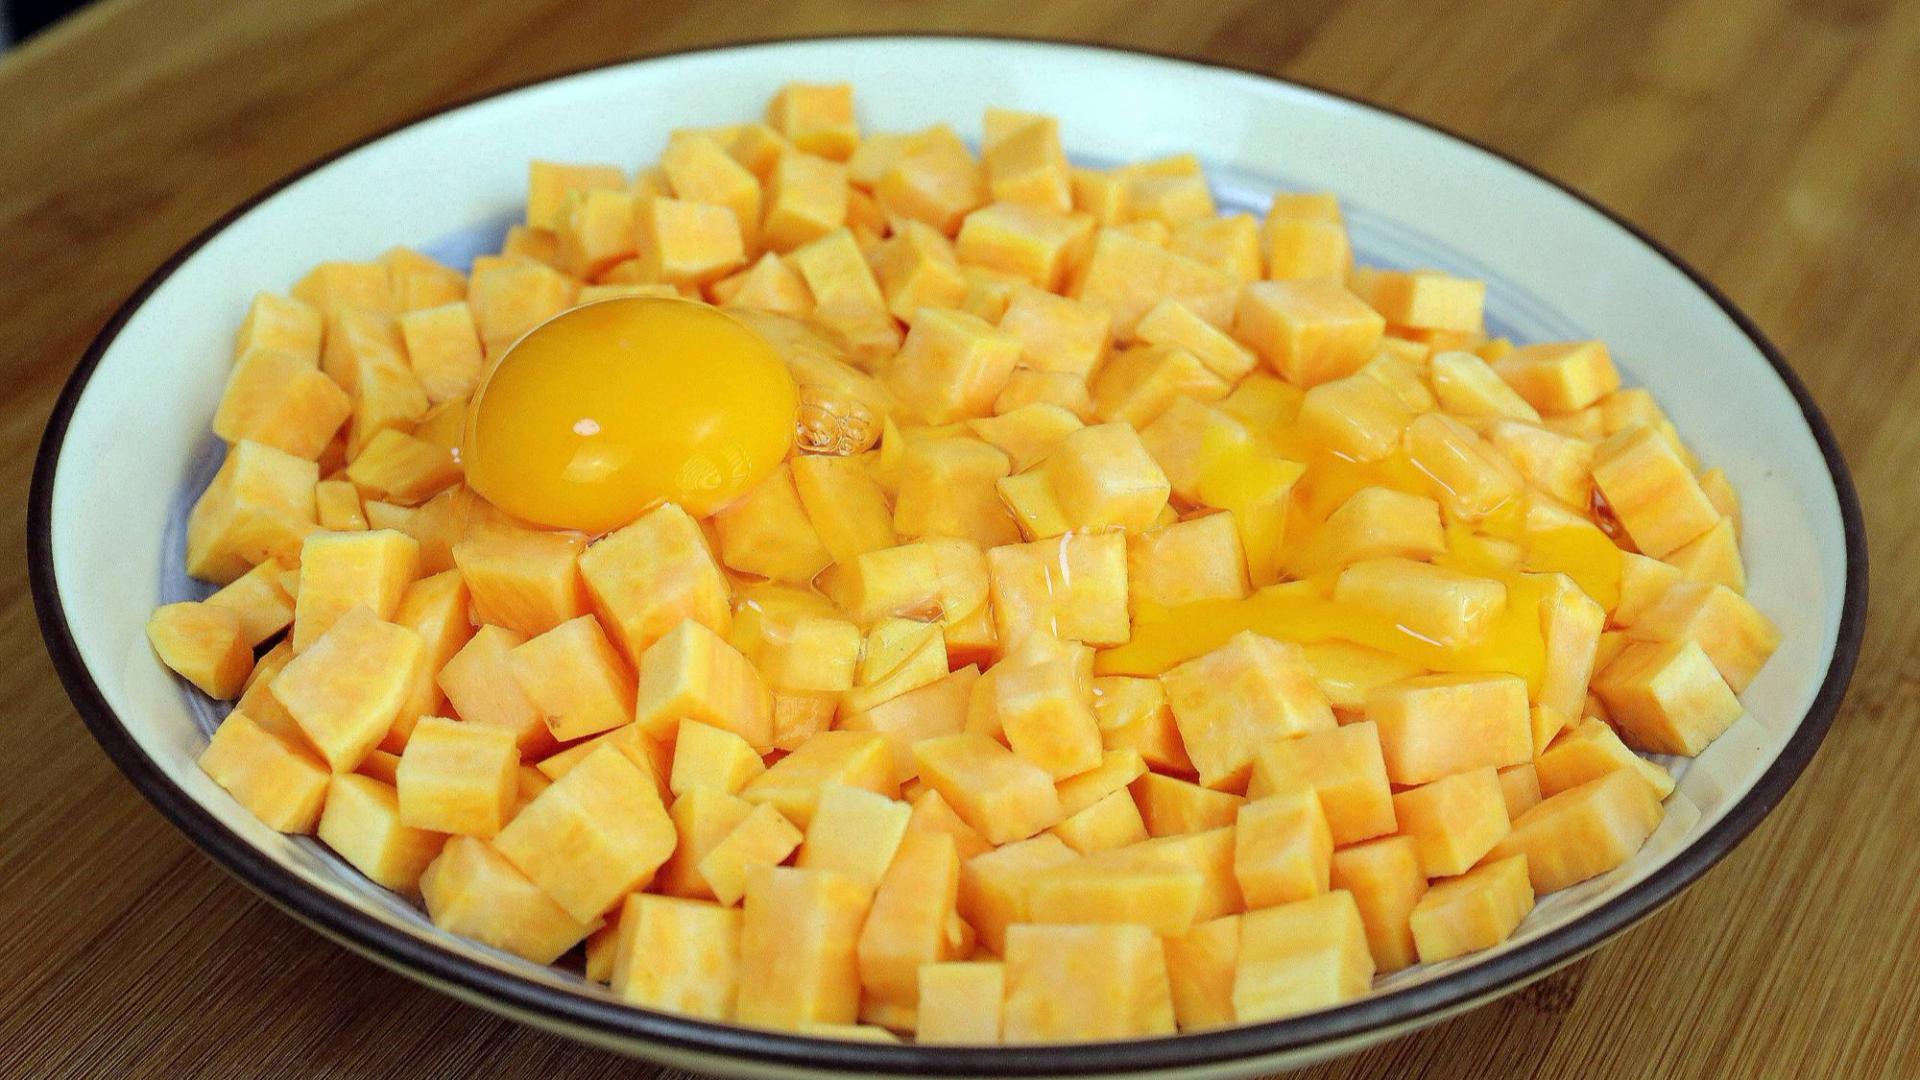 往红薯里打2个鸡蛋,这个做法太美味,好吃的停不下嘴,上桌扫光